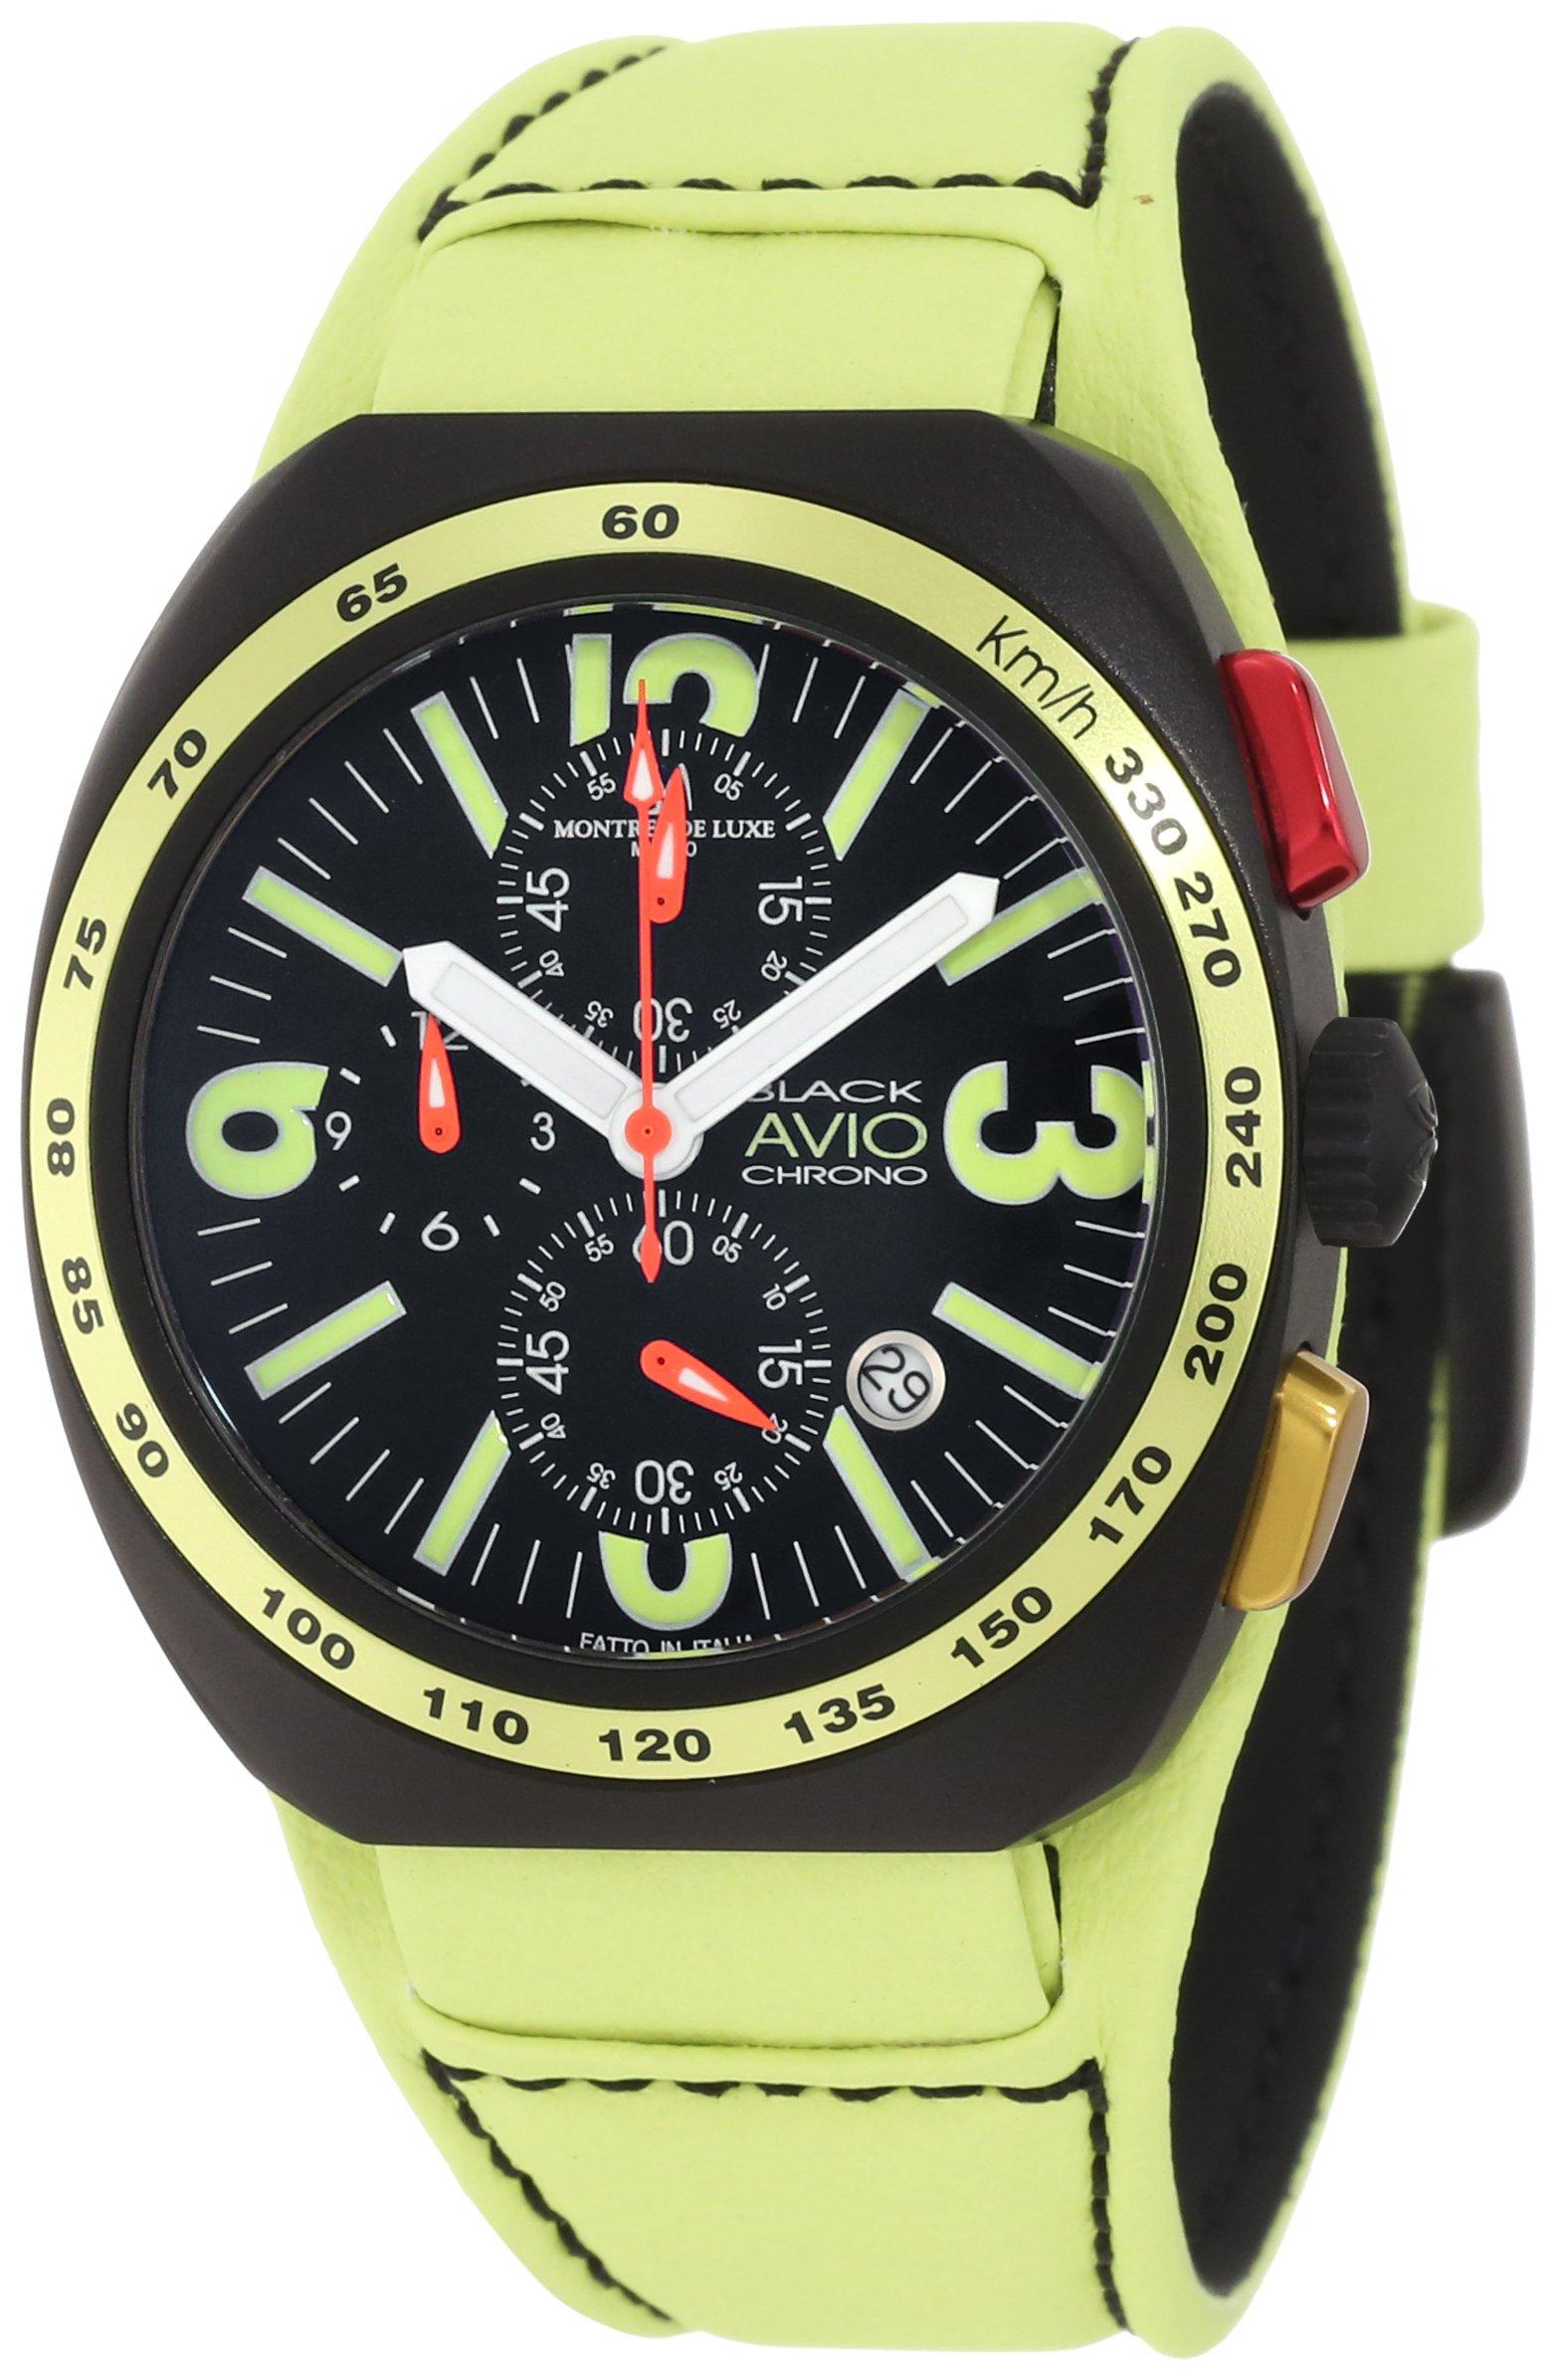 Montres De Luxe Men's BK5503 Black Avio Summer Quartz Chronograph Black Dial Watch